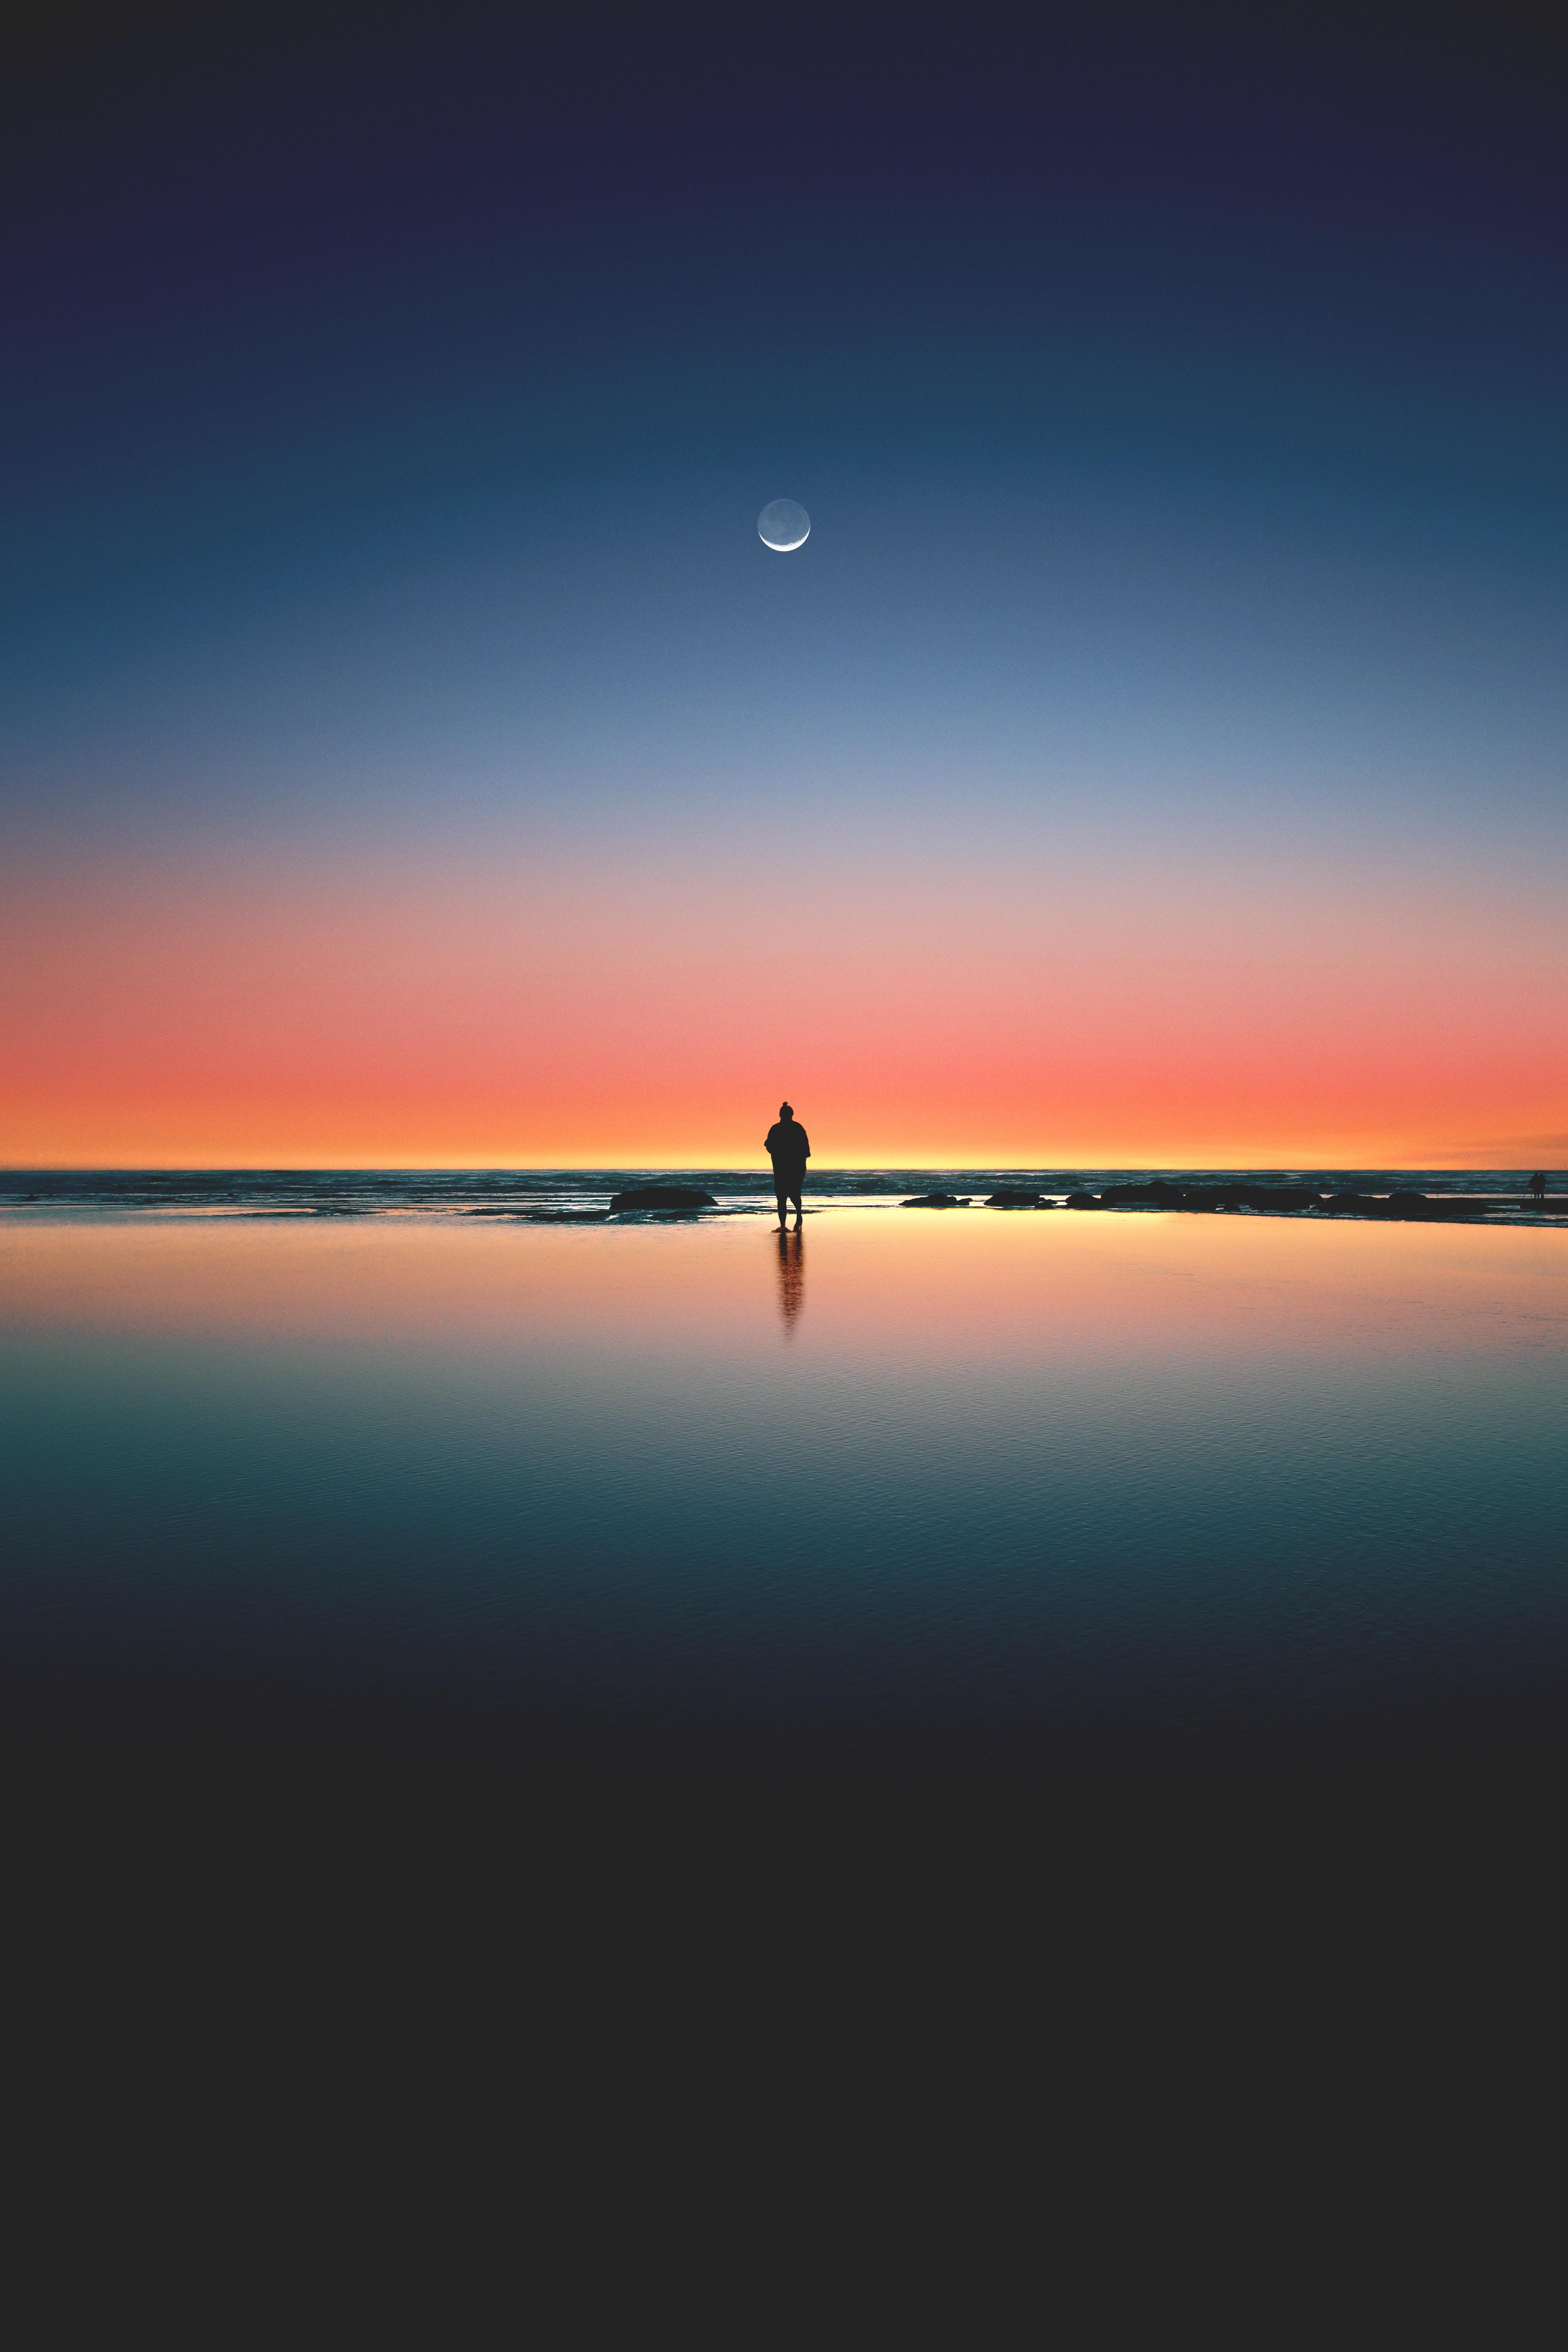 111060 Hintergrundbild herunterladen Natur, Sunset, Usa, Horizont, Silhouette, Ozean, Einsamkeit, Kalaloh, Kalalokh - Bildschirmschoner und Bilder kostenlos